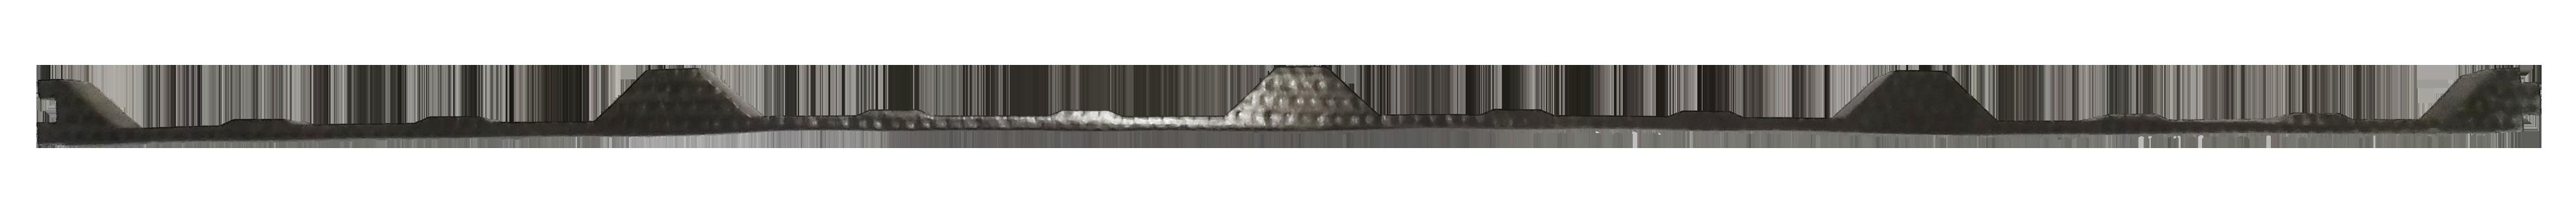 PRCS - PR-936 SMALL CLOSURE